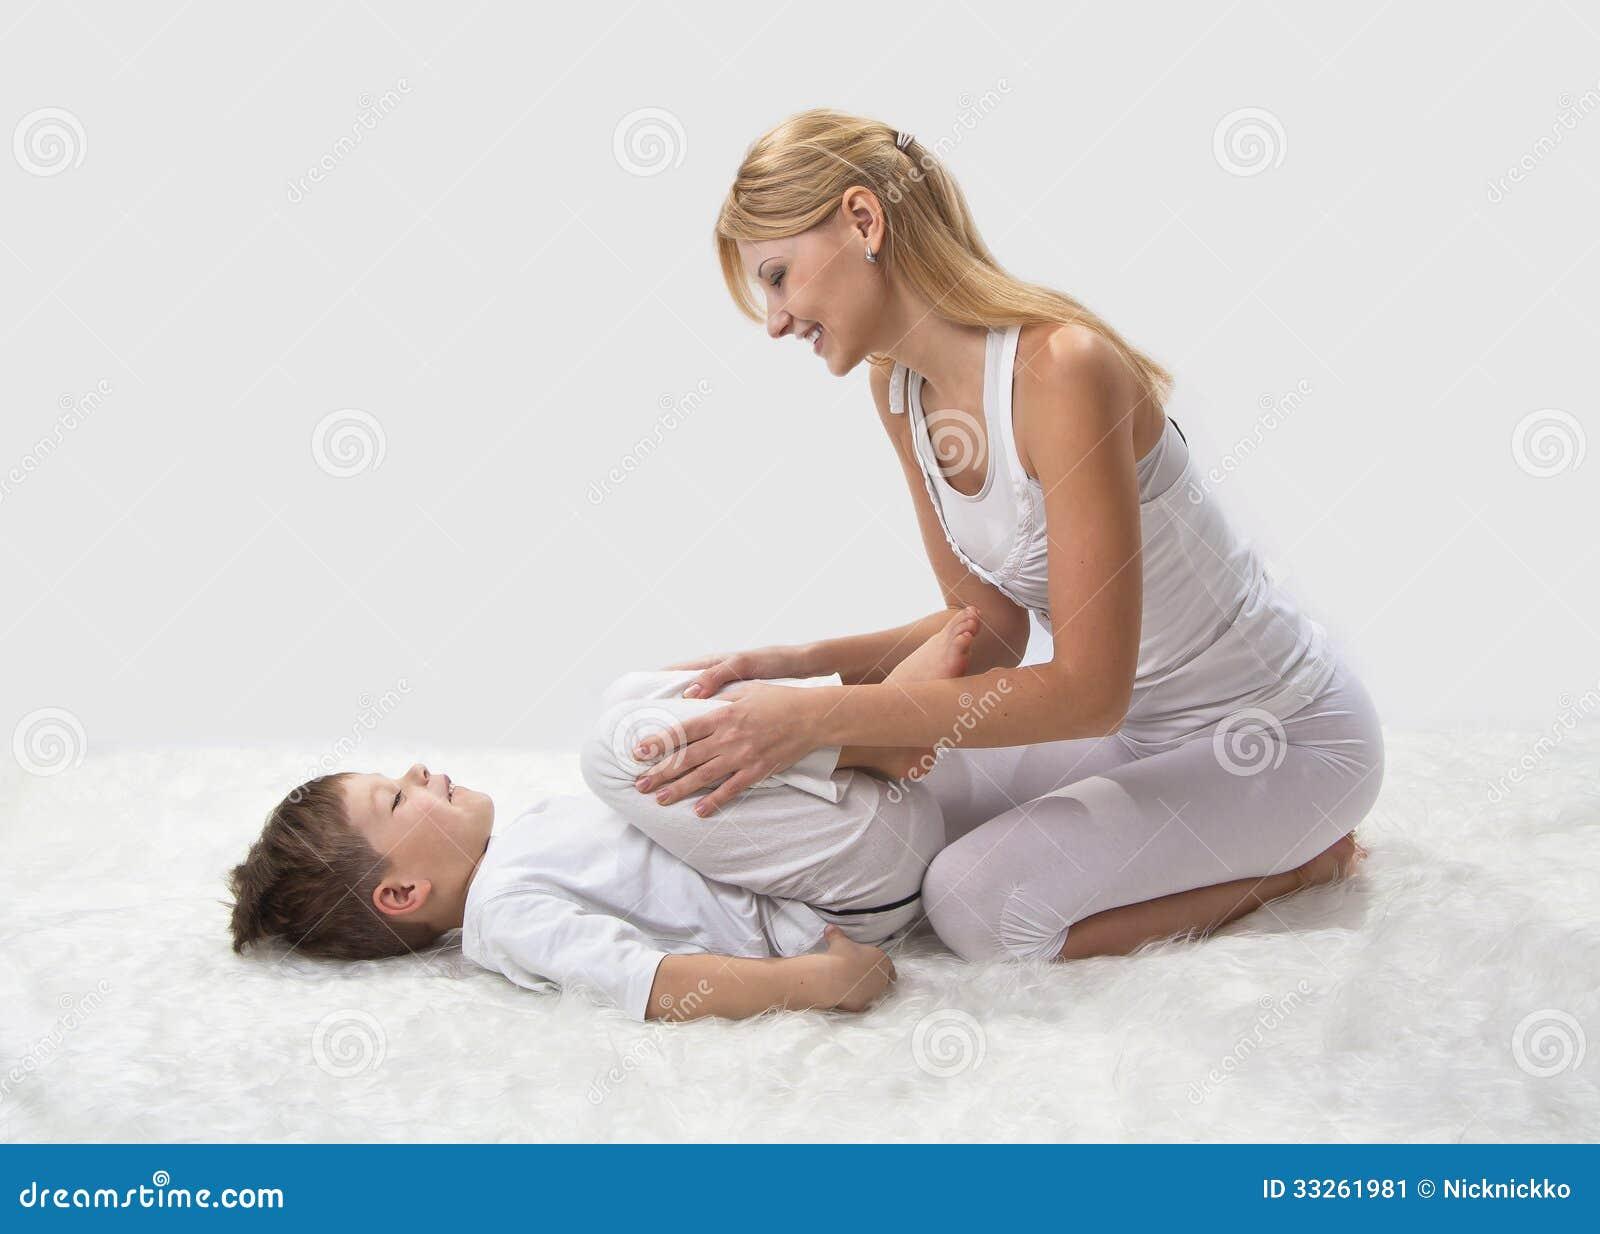 Секс сын трахает мать в картинках, Мама и сын » Инцест фото. Порно мамы и сына, папы 21 фотография